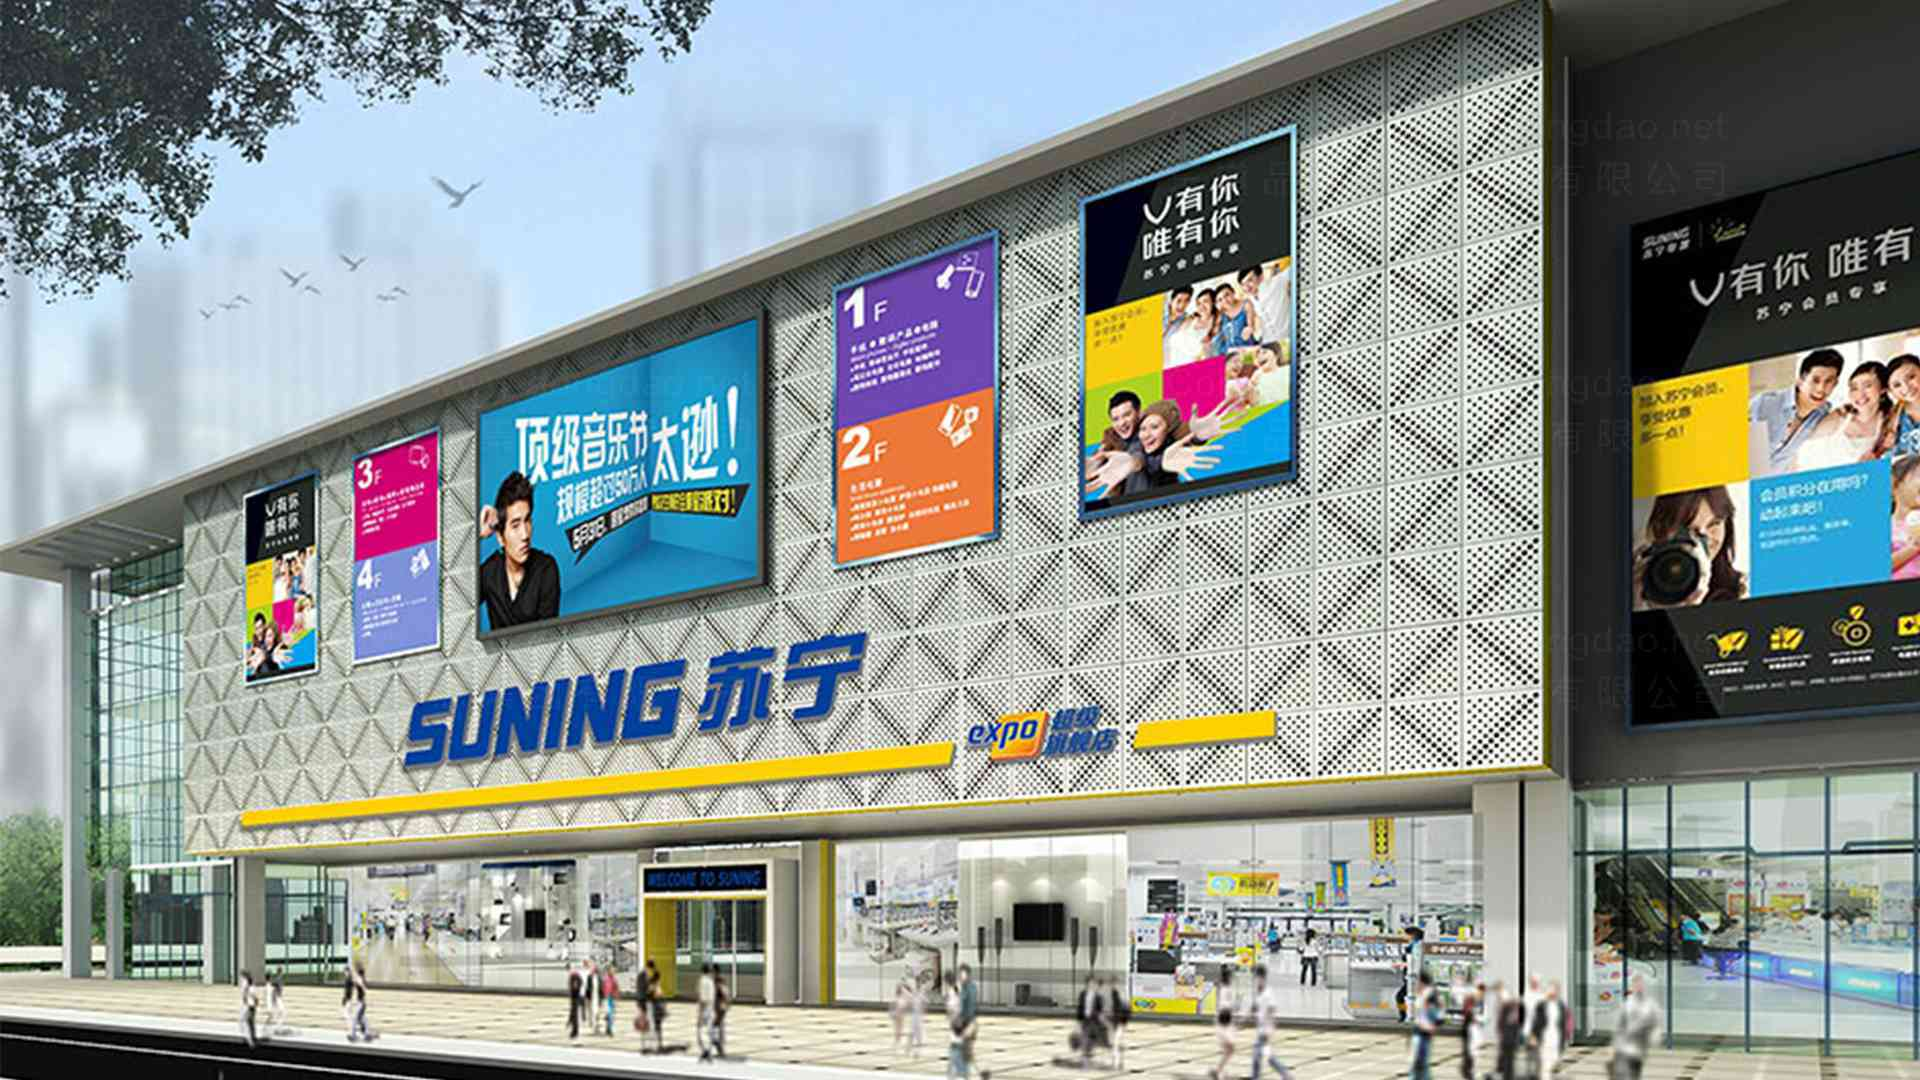 商业空间&导示案例苏宁SI设计